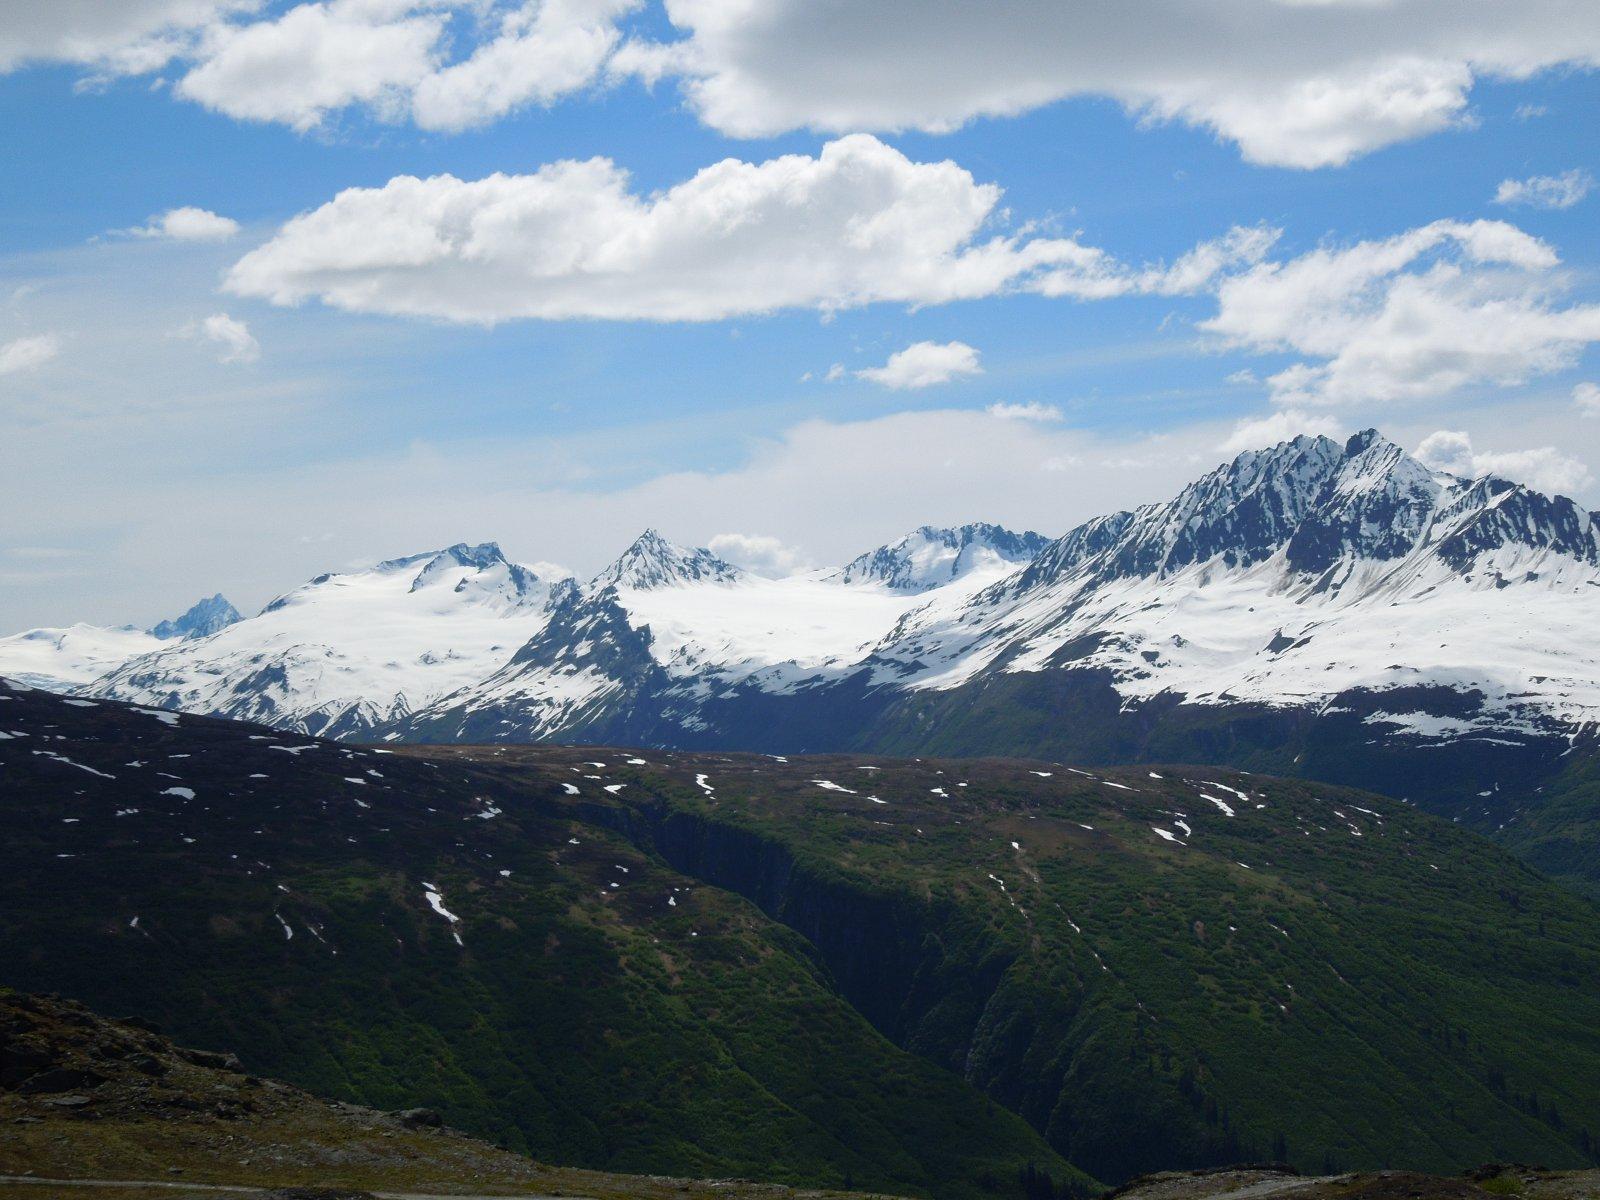 Click image for larger version  Name:Glennallen to Valdez 084.jpg Views:59 Size:275.4 KB ID:215337